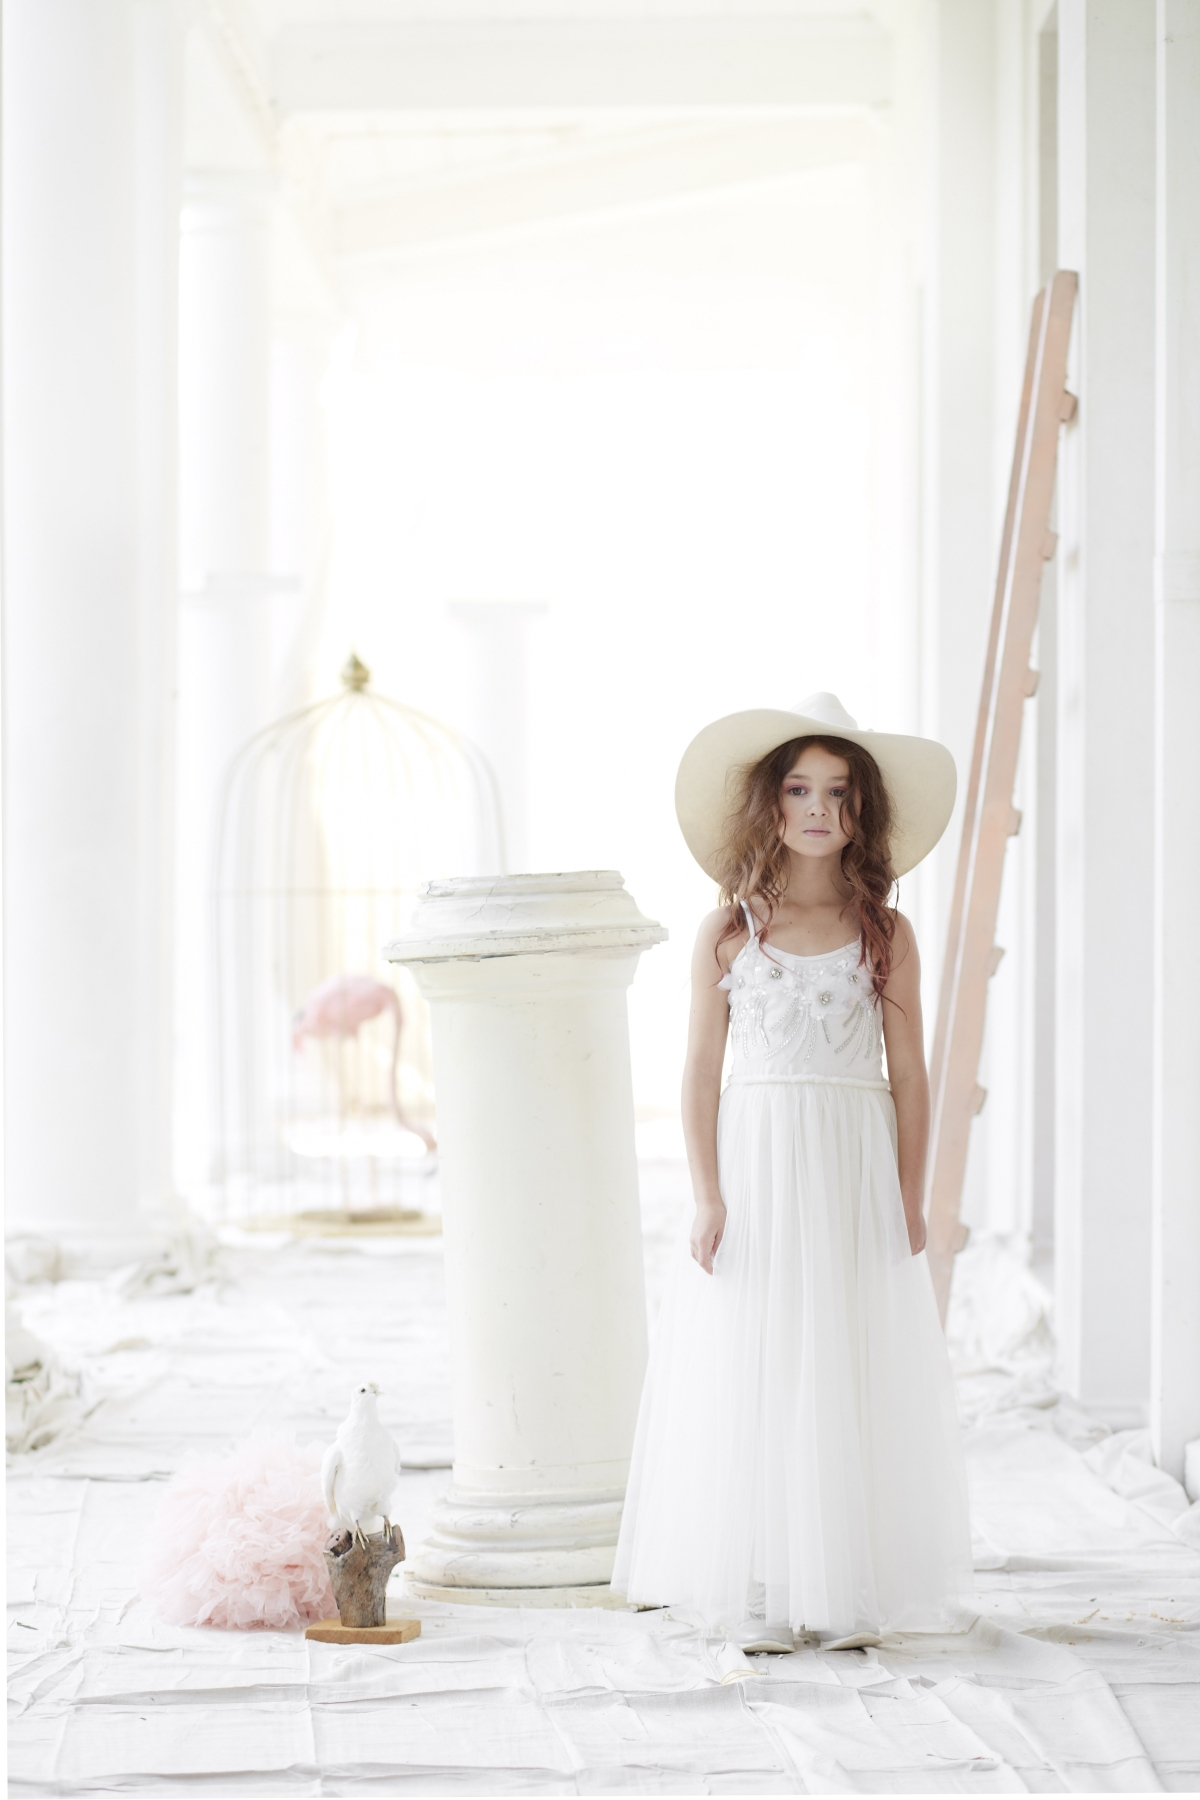 שמלת טוטו מדגם Golden Cage מבית המותג Tutu De Monde צילום יחצ